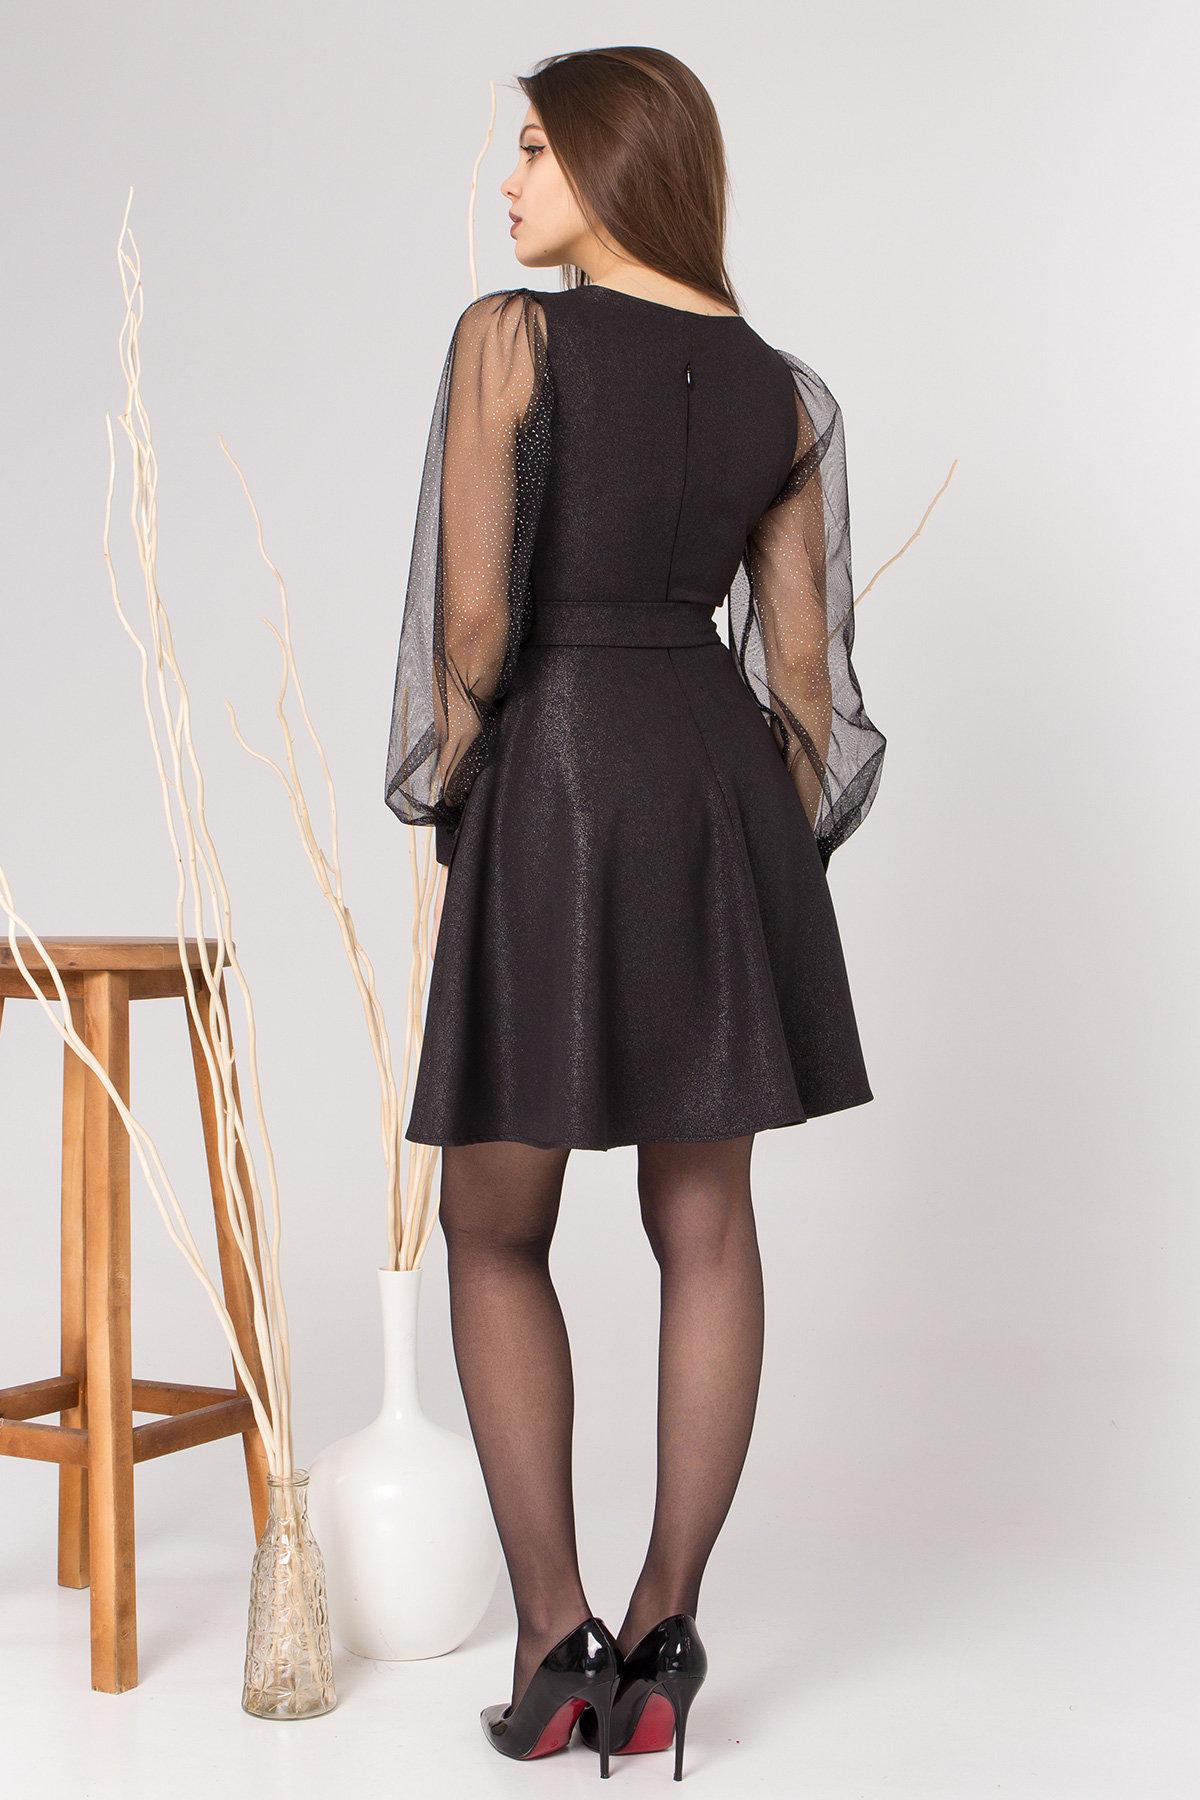 Коктейльное платье Джелла 8873 АРТ. 45202 Цвет: Черный - фото 5, интернет магазин tm-modus.ru